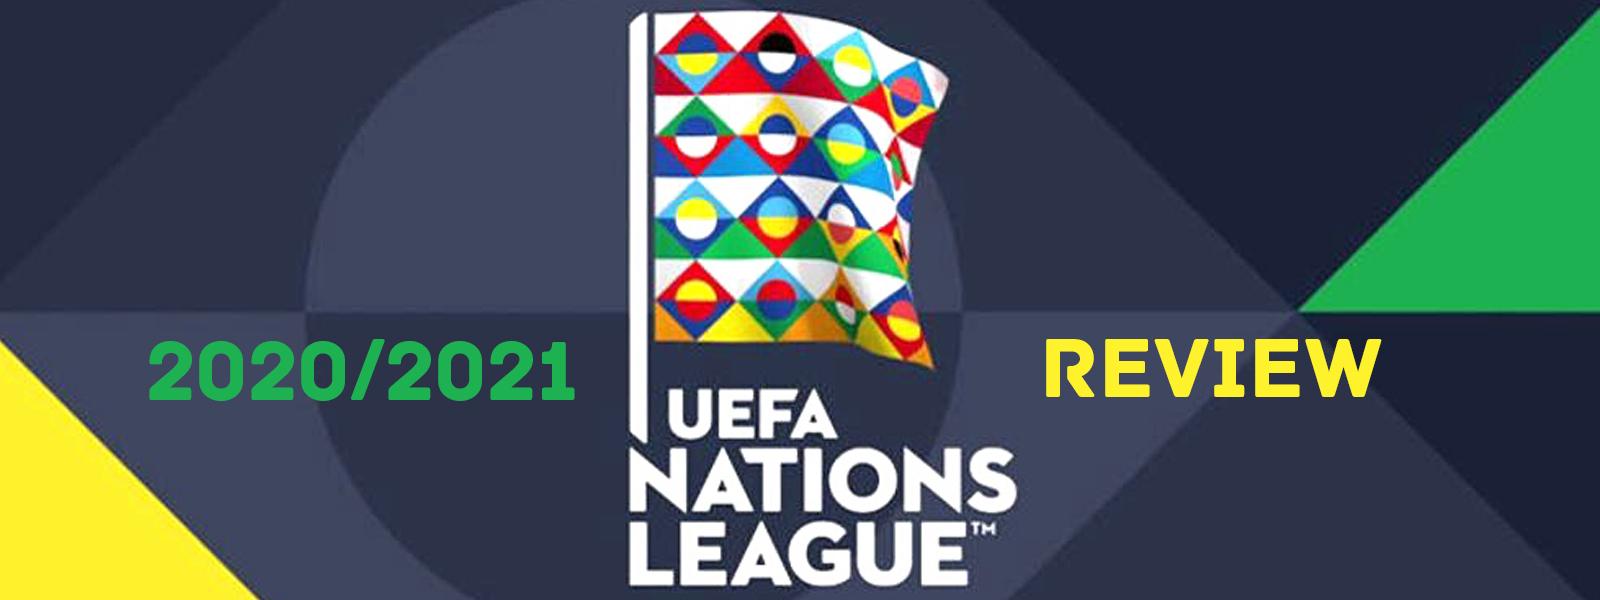 UEFA Nations League 2020/2021 Reviews